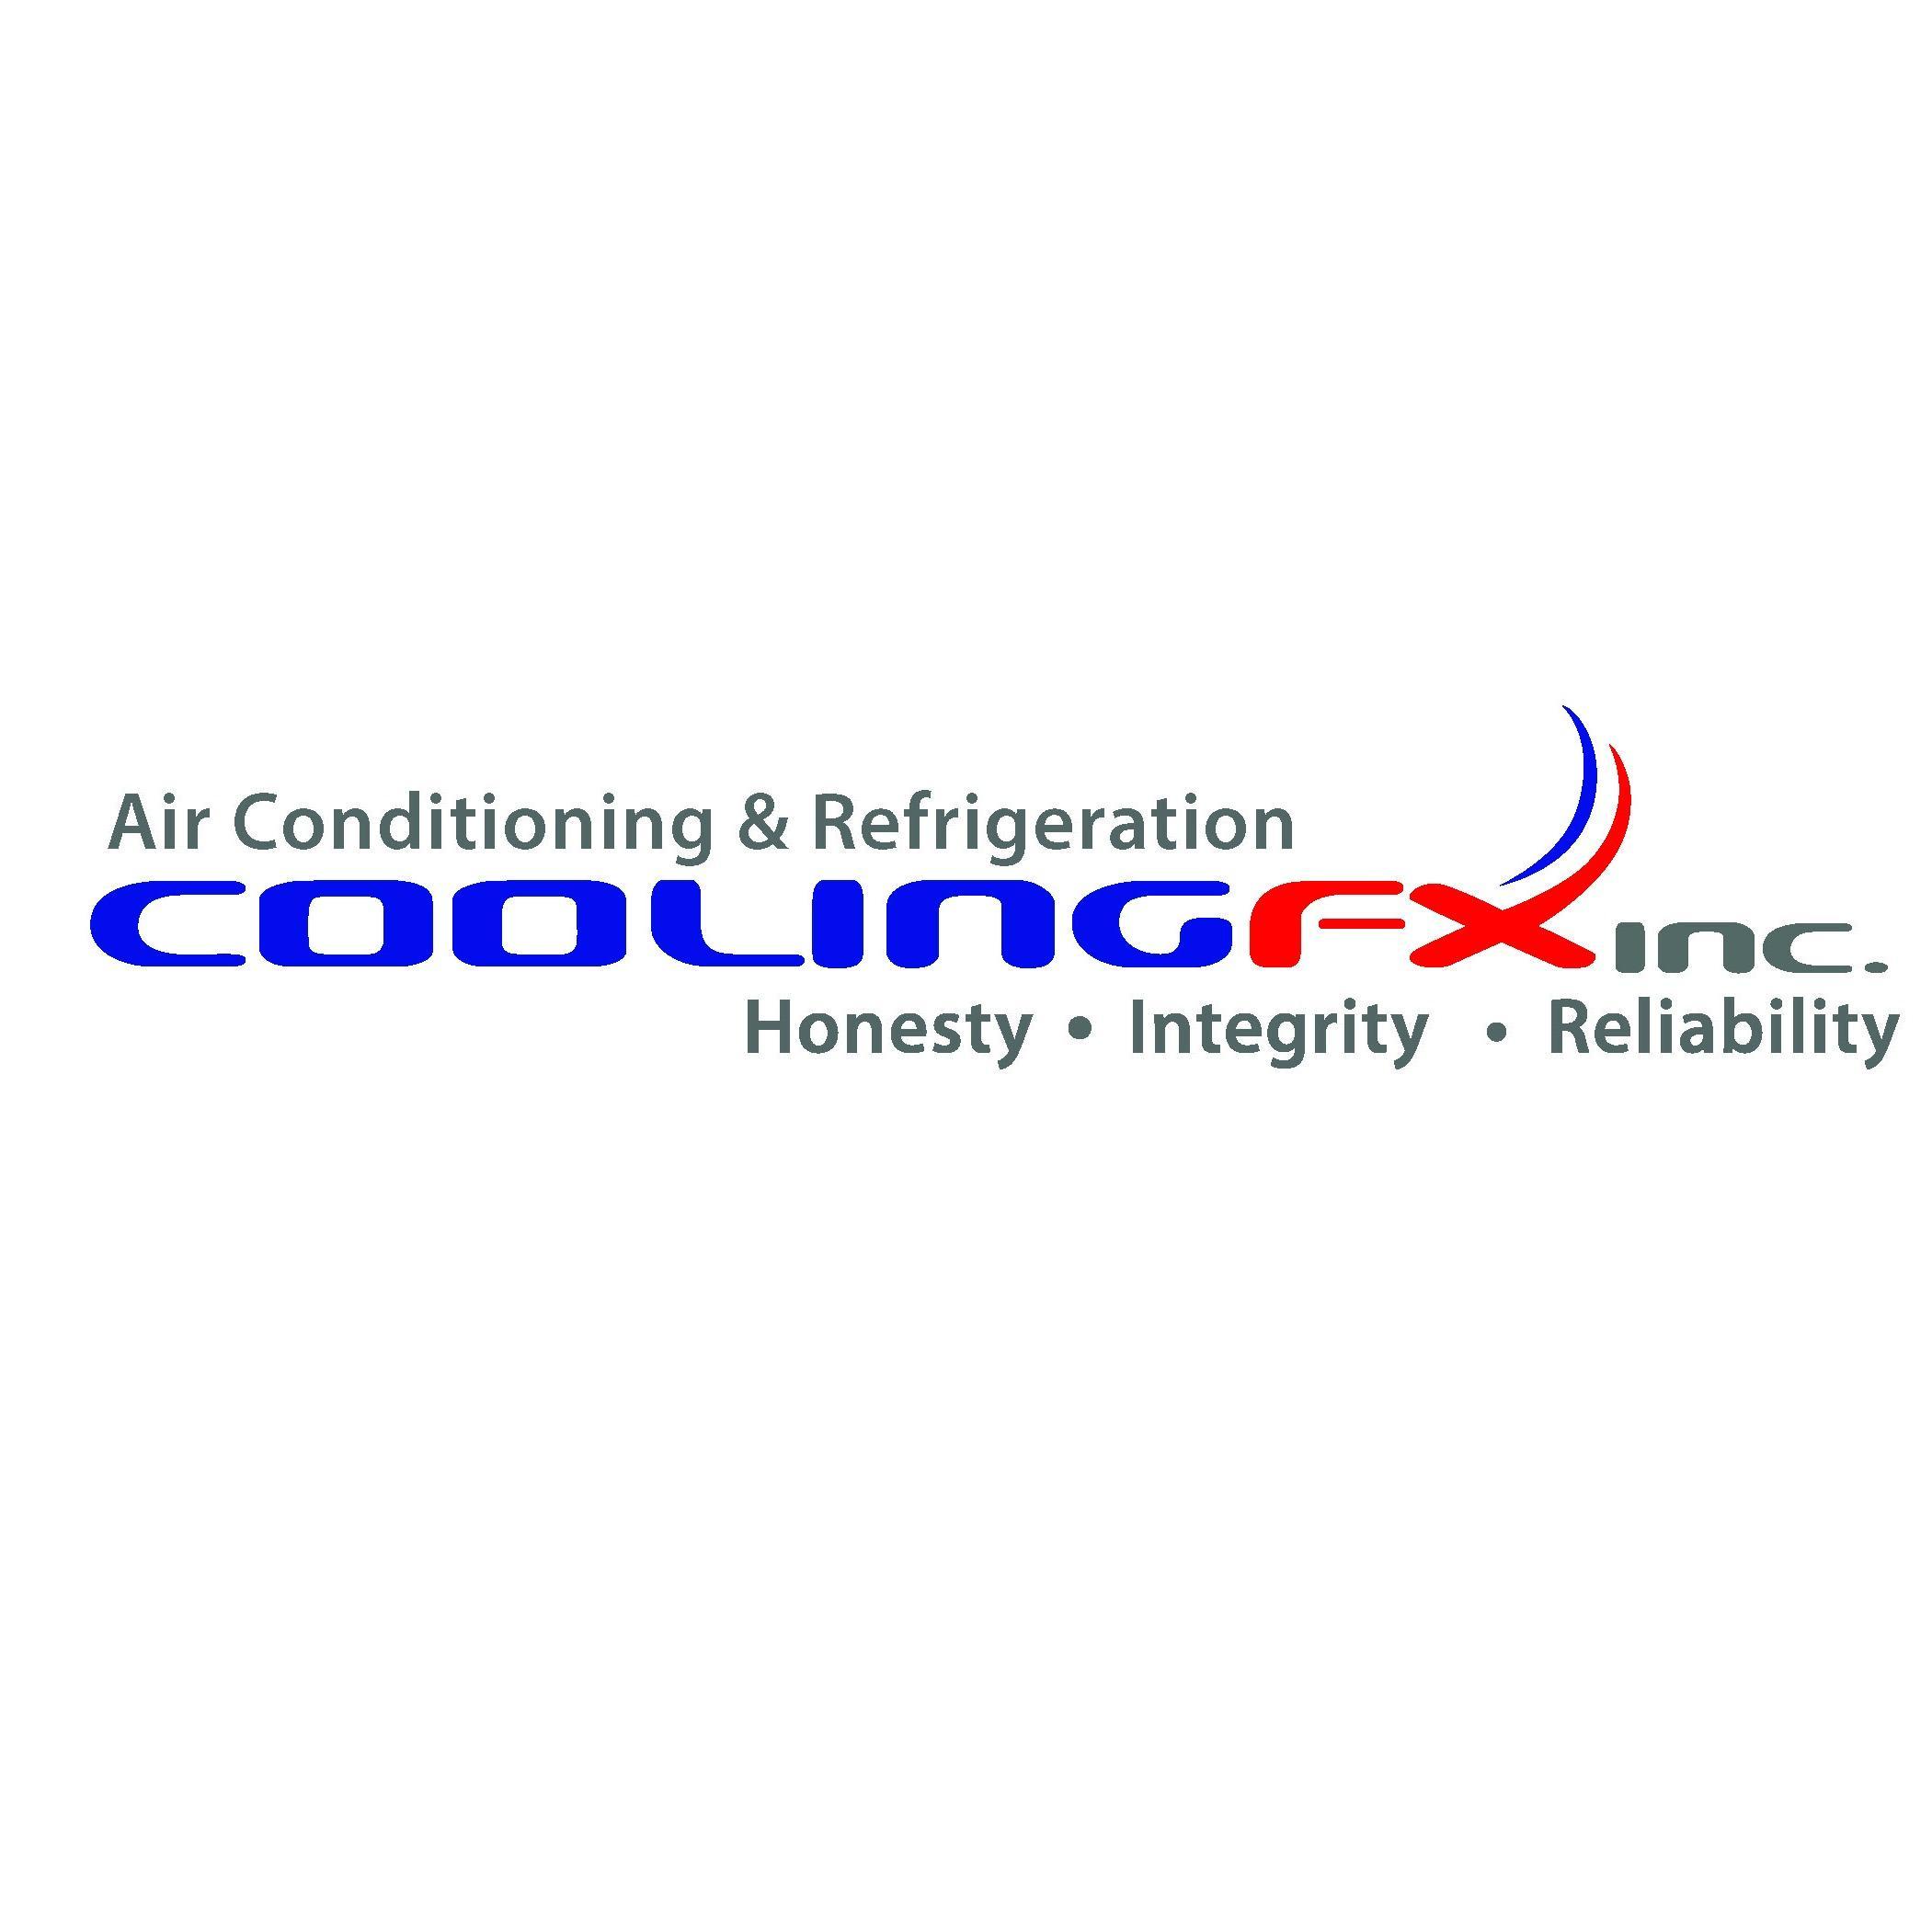 Cooling FX Inc